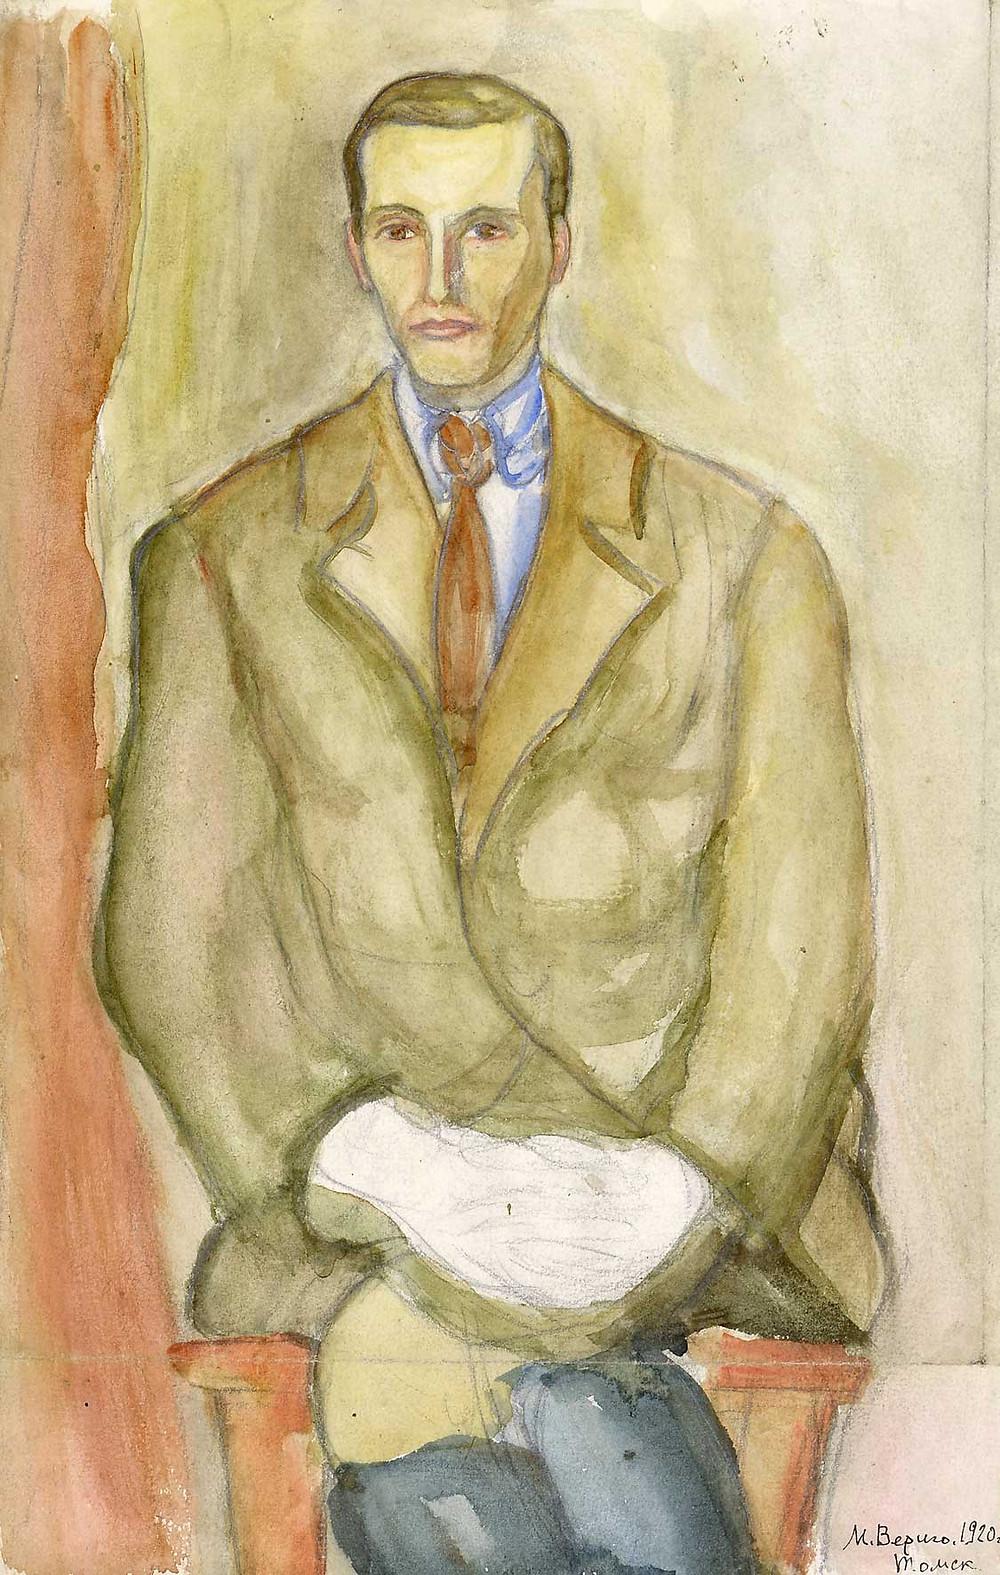 М. Берингов.  Томск. 1920 год. Автор Вериго Магдалина Брониславовна (1891– 1994). Бумага акварель. Размер 36х22.5 см.